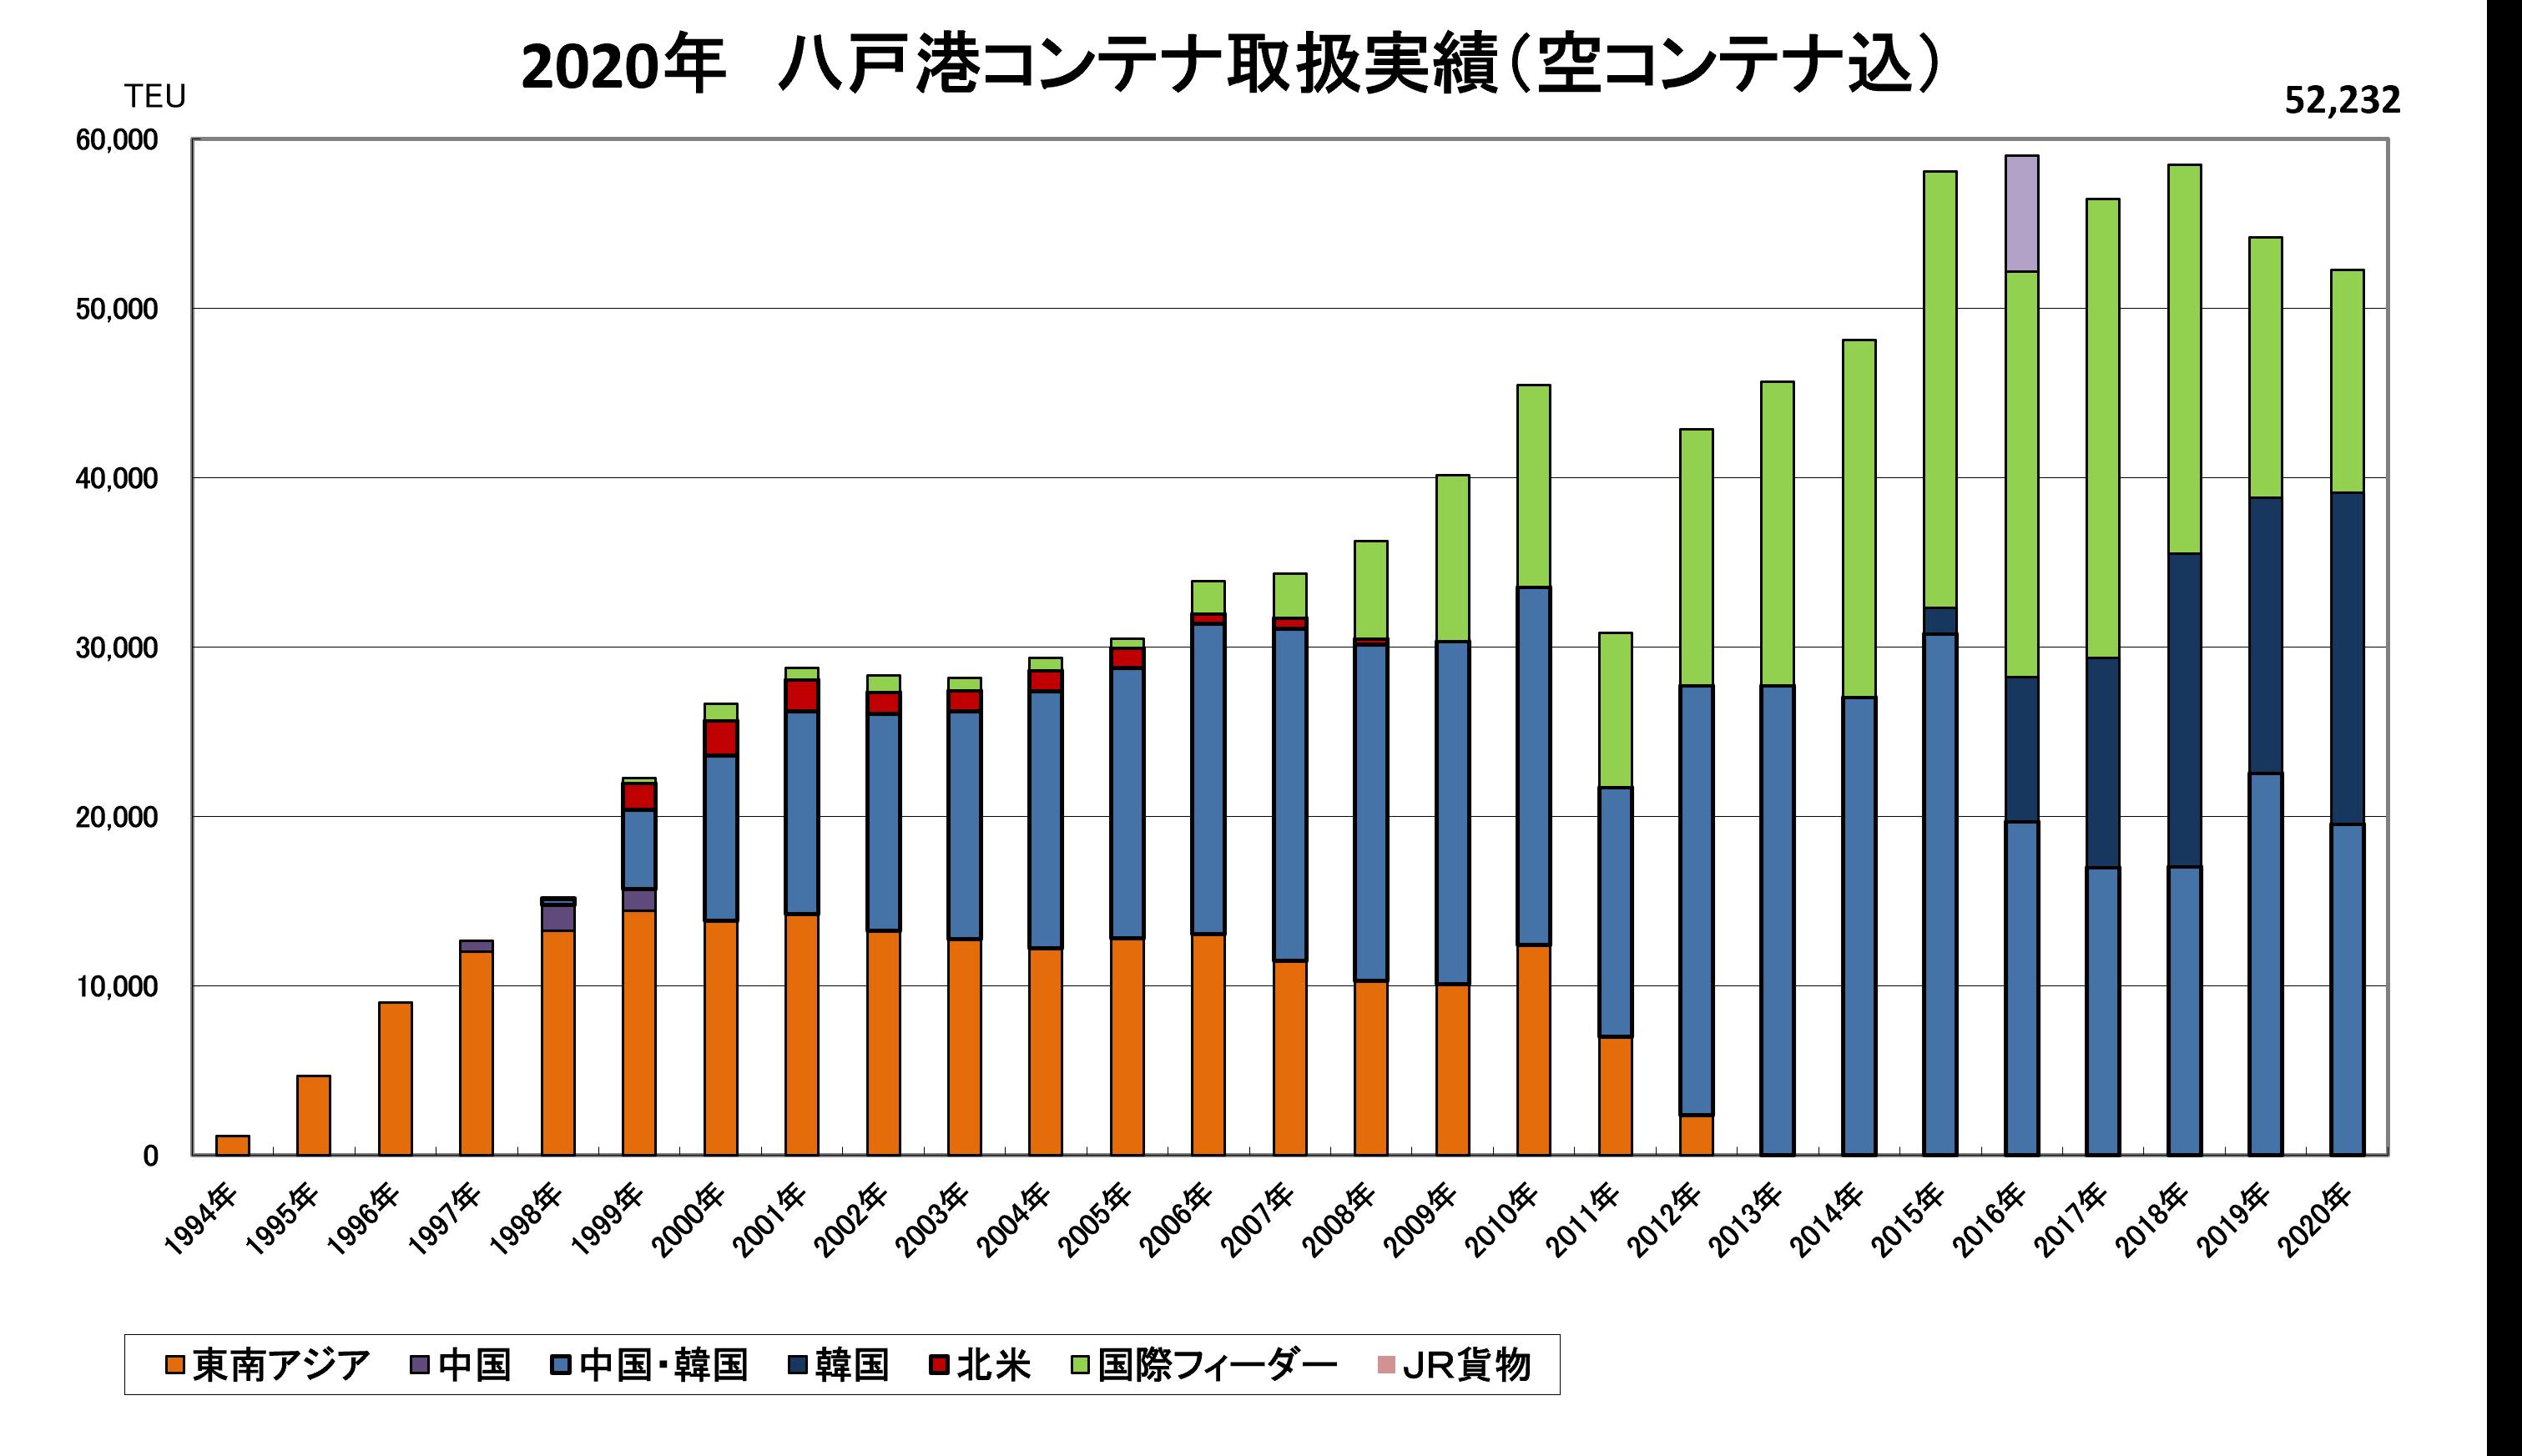 航路別コンテナ取扱実績(空コンテナ含む)(2020年)作成:八戸港国際物流拠点化推進協議会